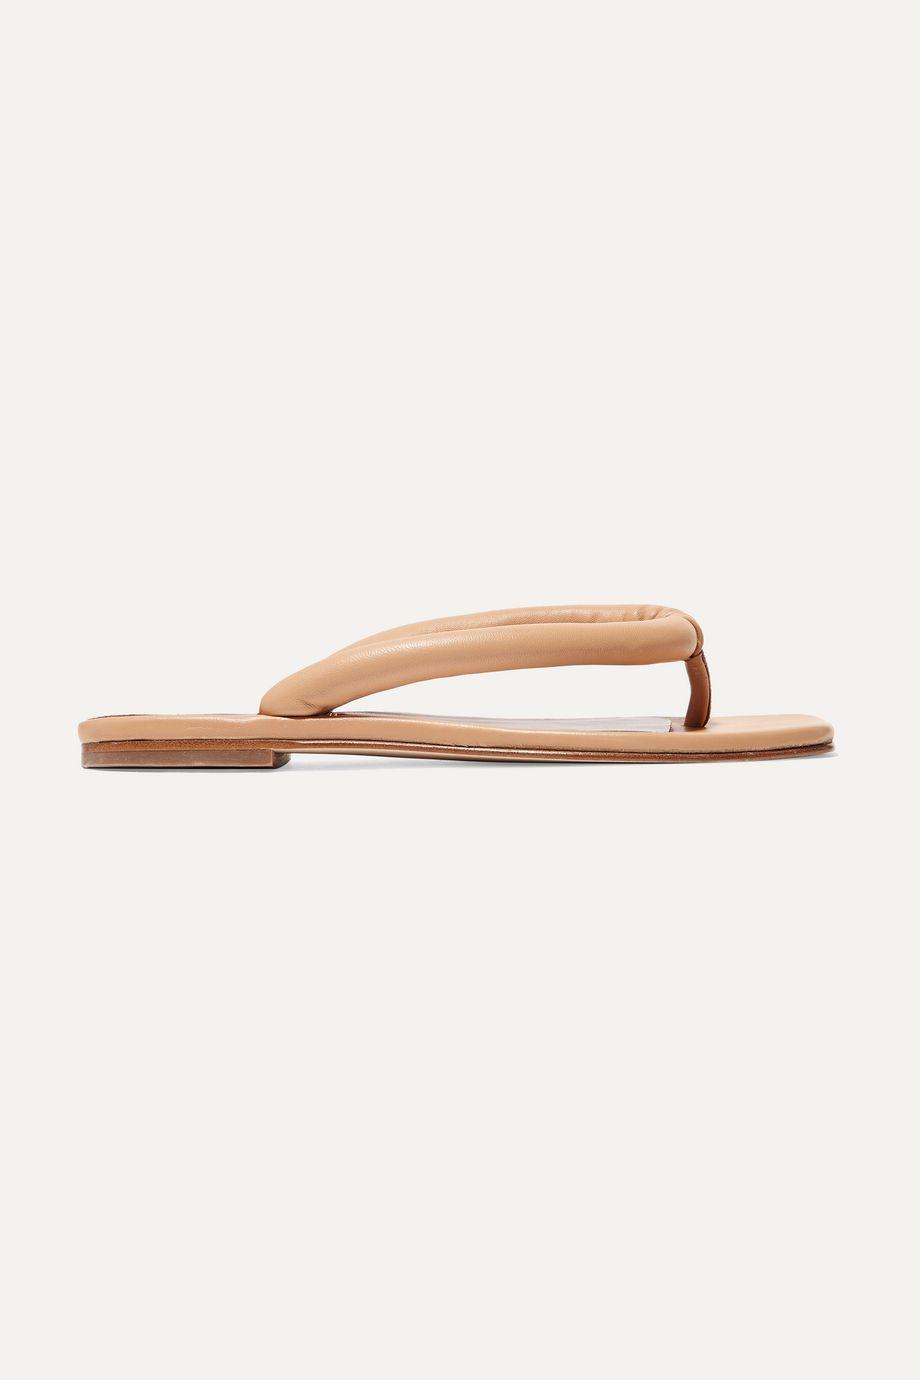 STAUD Rio leather sandals